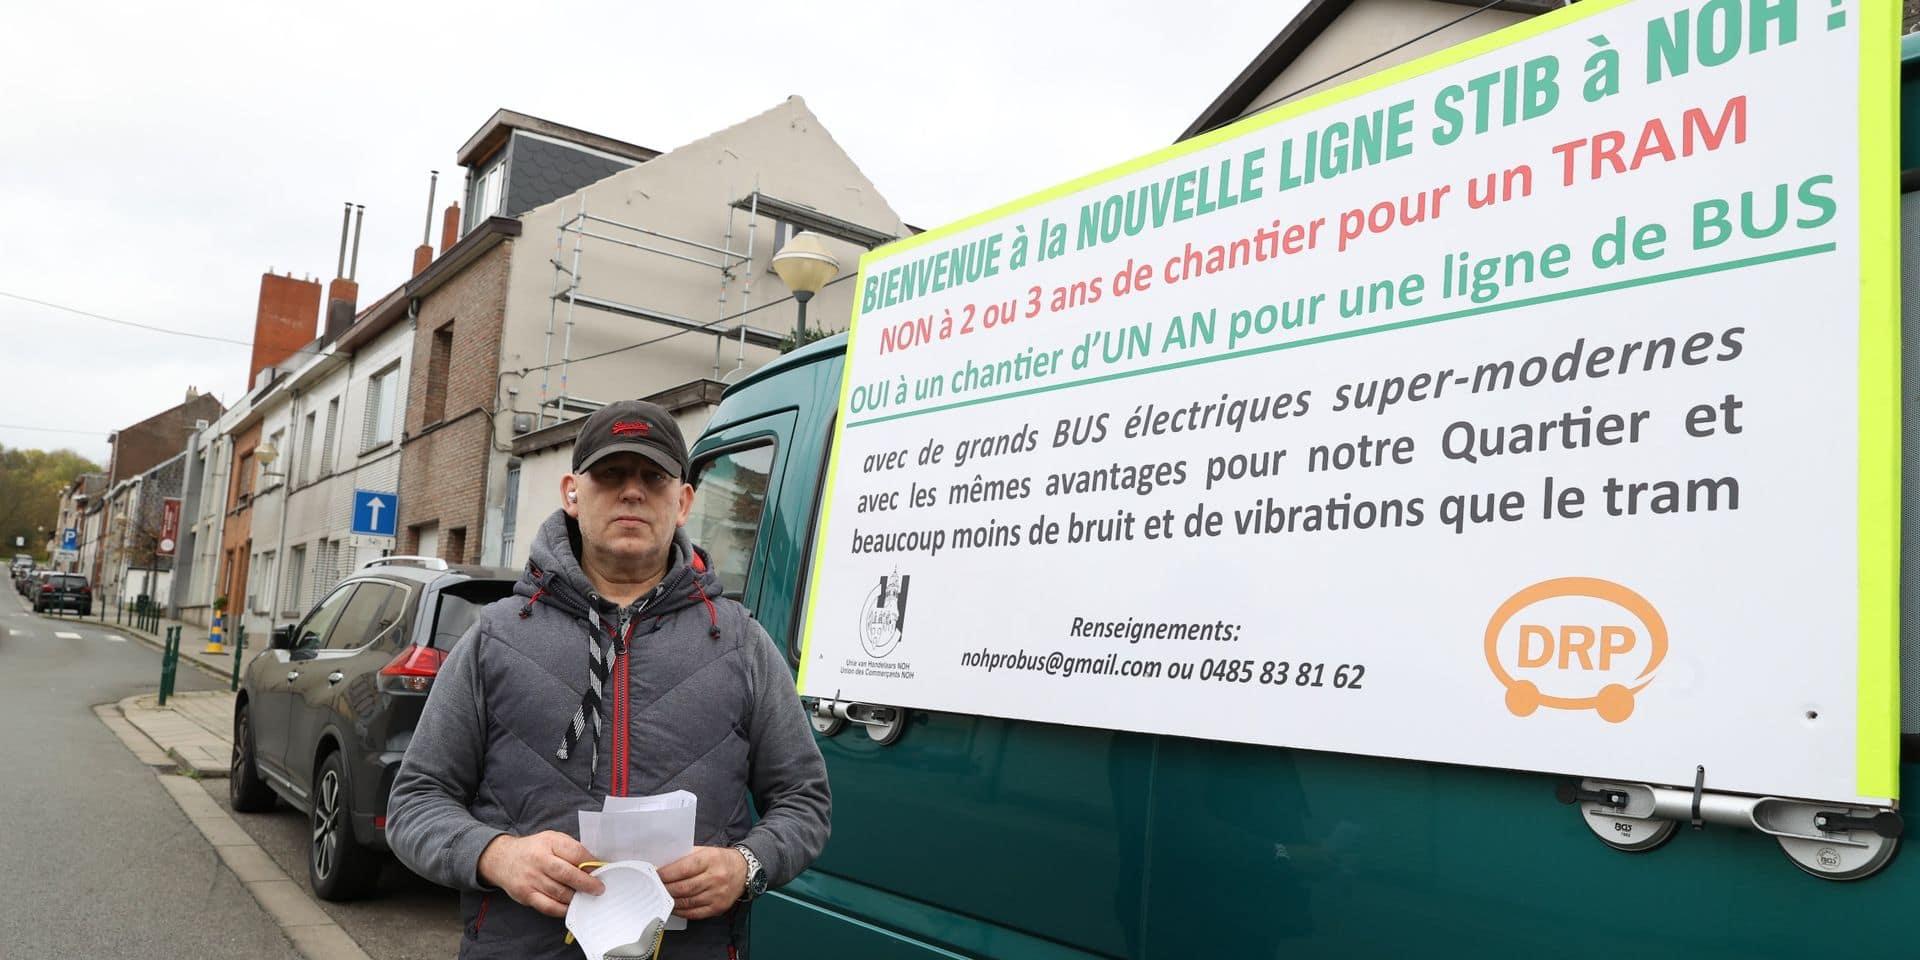 La camionnette d'un opposant au projet de tram à Neder-Over-Heembeek menacée d'être envoyée à la fourrière : la Ville de Bruxelles lui donne raison